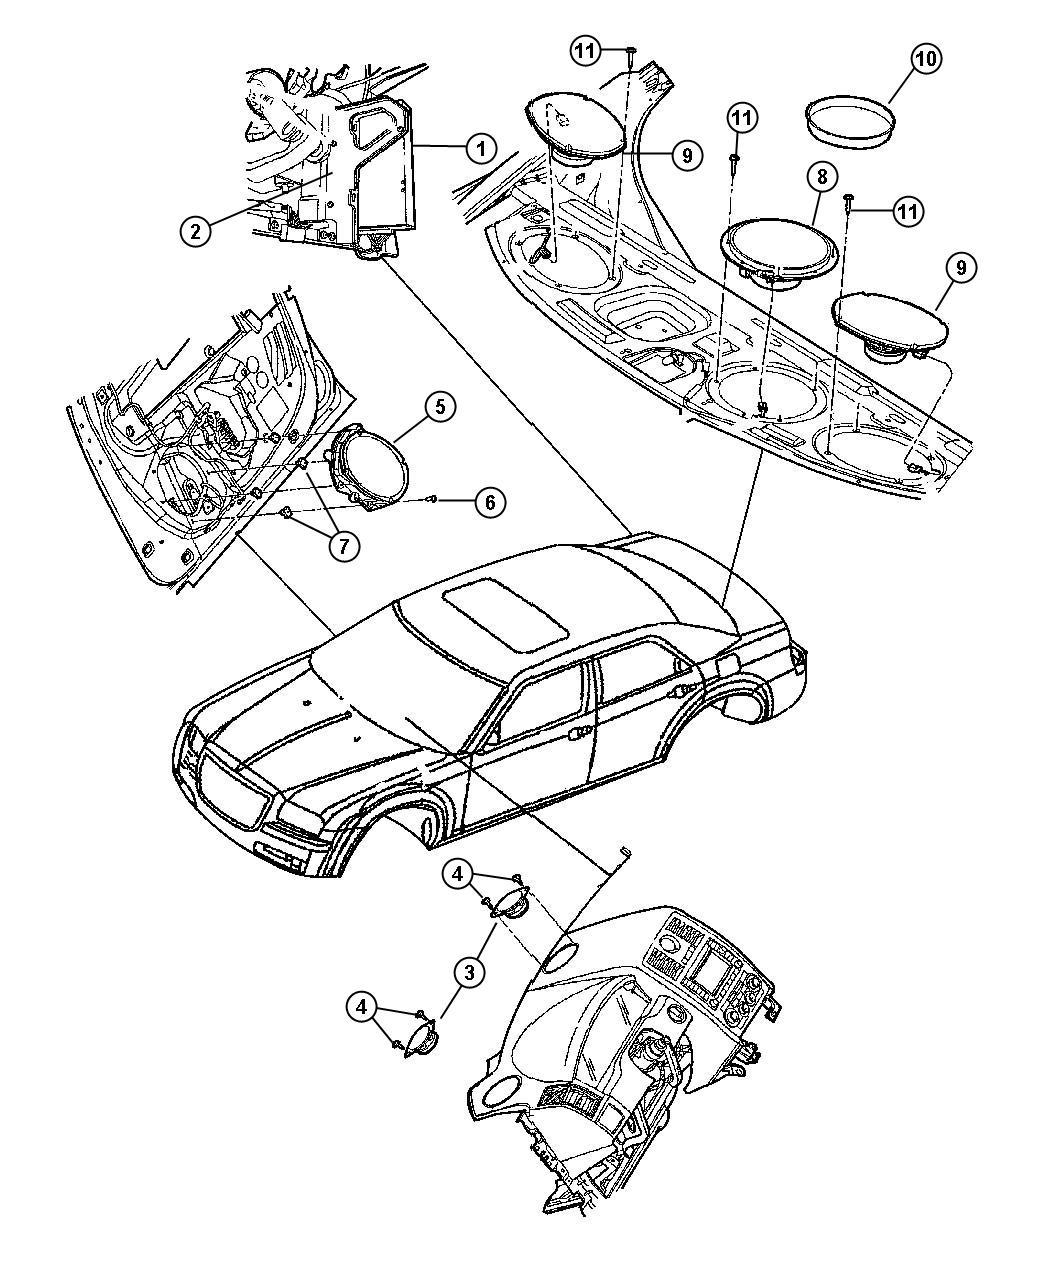 2006 Dodge Charger Speaker. Front door. 6x9. Spkrs, perf